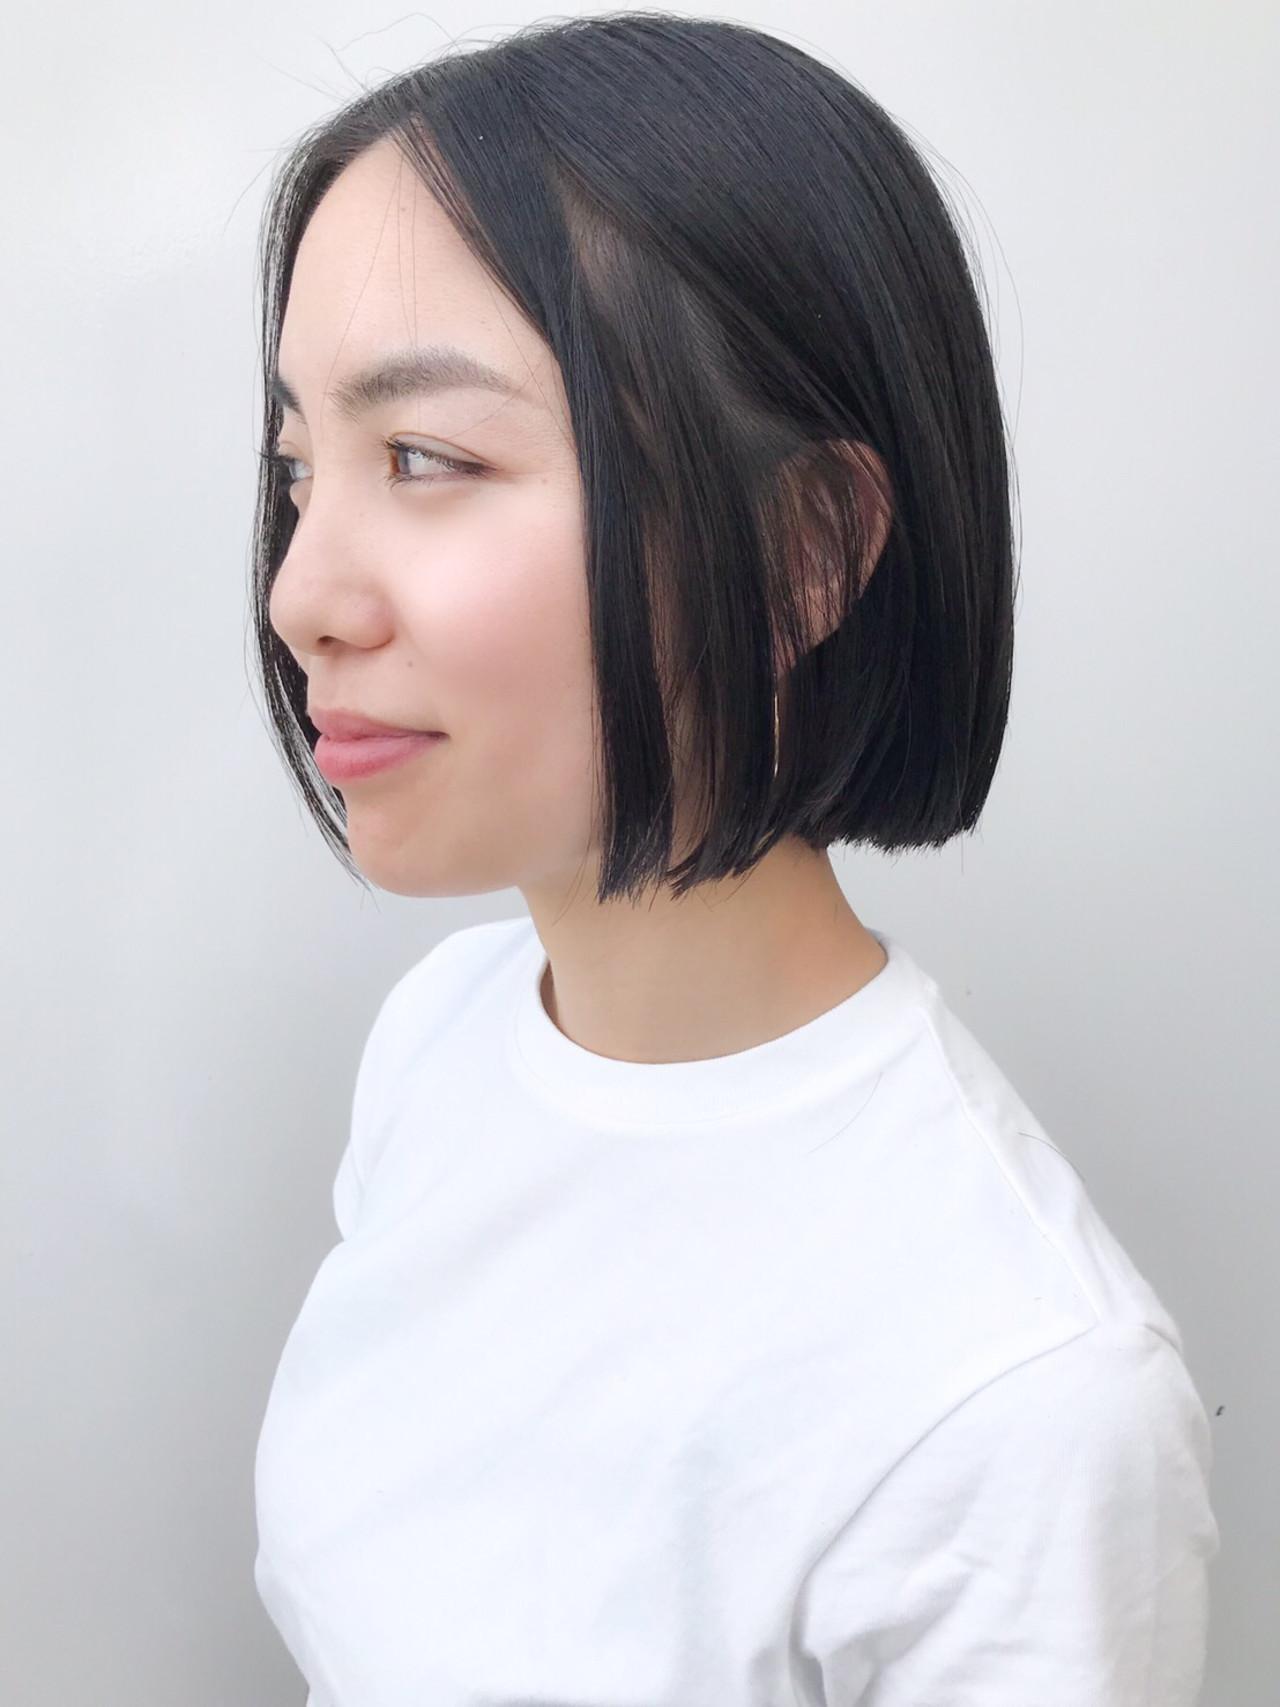 大人かわいい 切りっぱなしボブ デート オフィス ヘアスタイルや髪型の写真・画像 | HIROKI / roijir / roijir